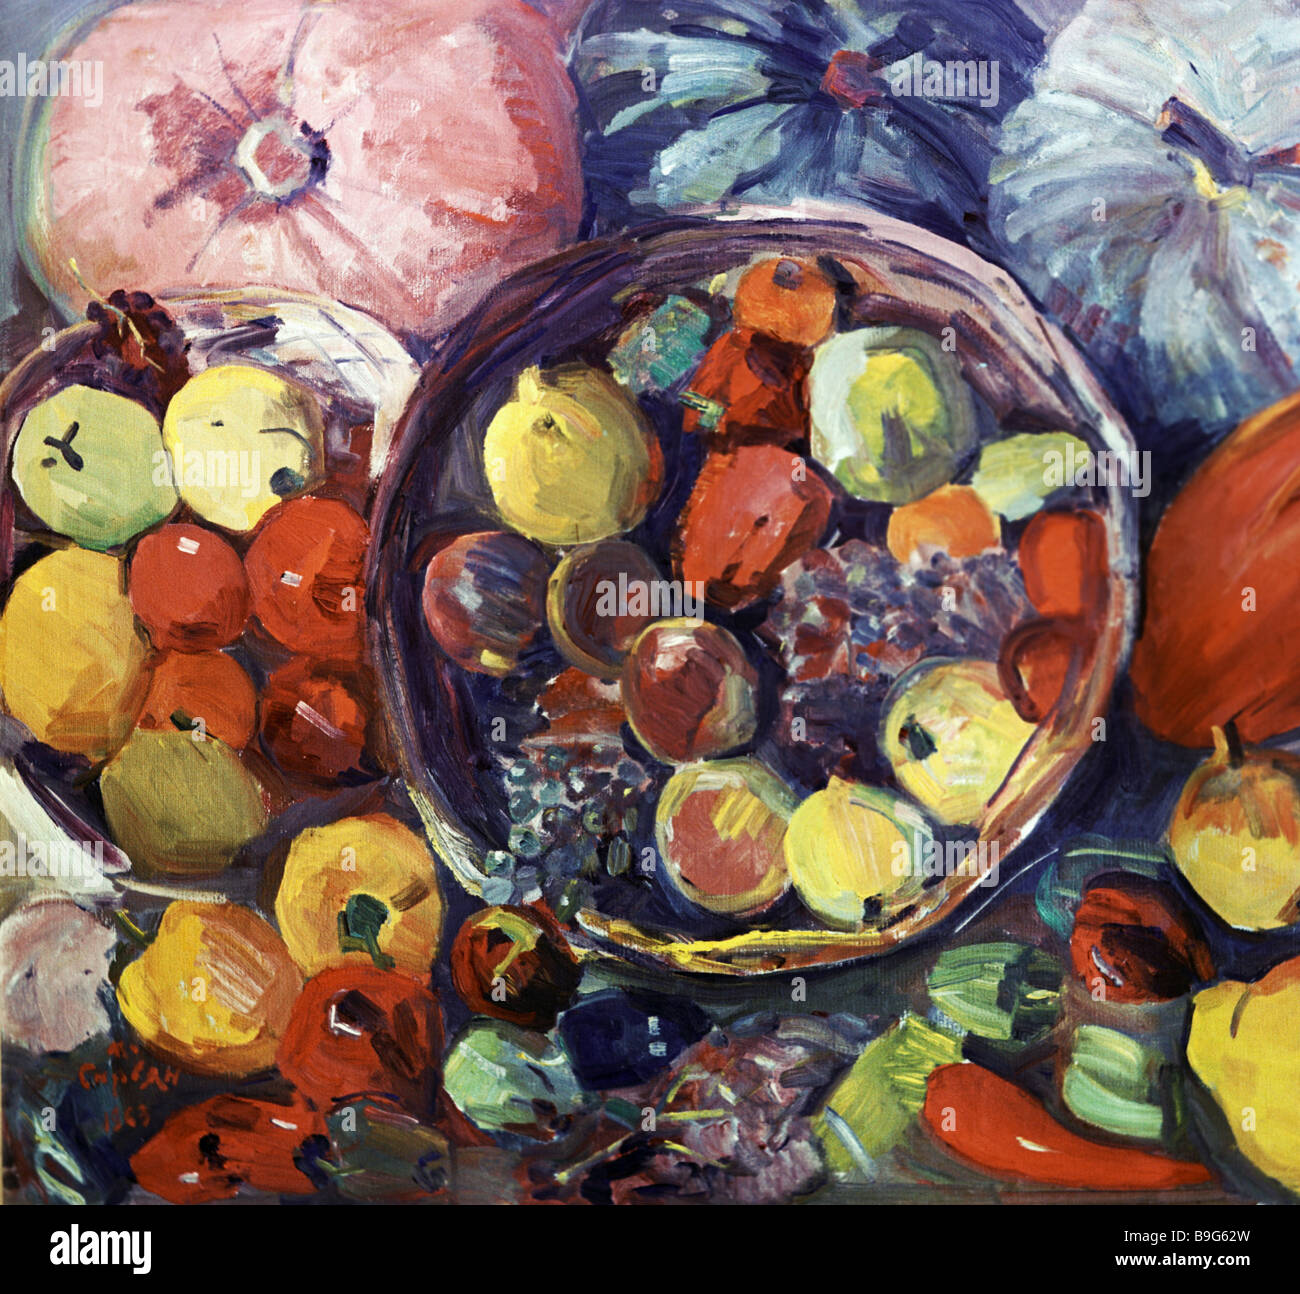 Reproduktion von Martiros Saryan s Gemälde Herbst Stilleben aus dem Martiros Saryan Museum in Eriwan Stockbild